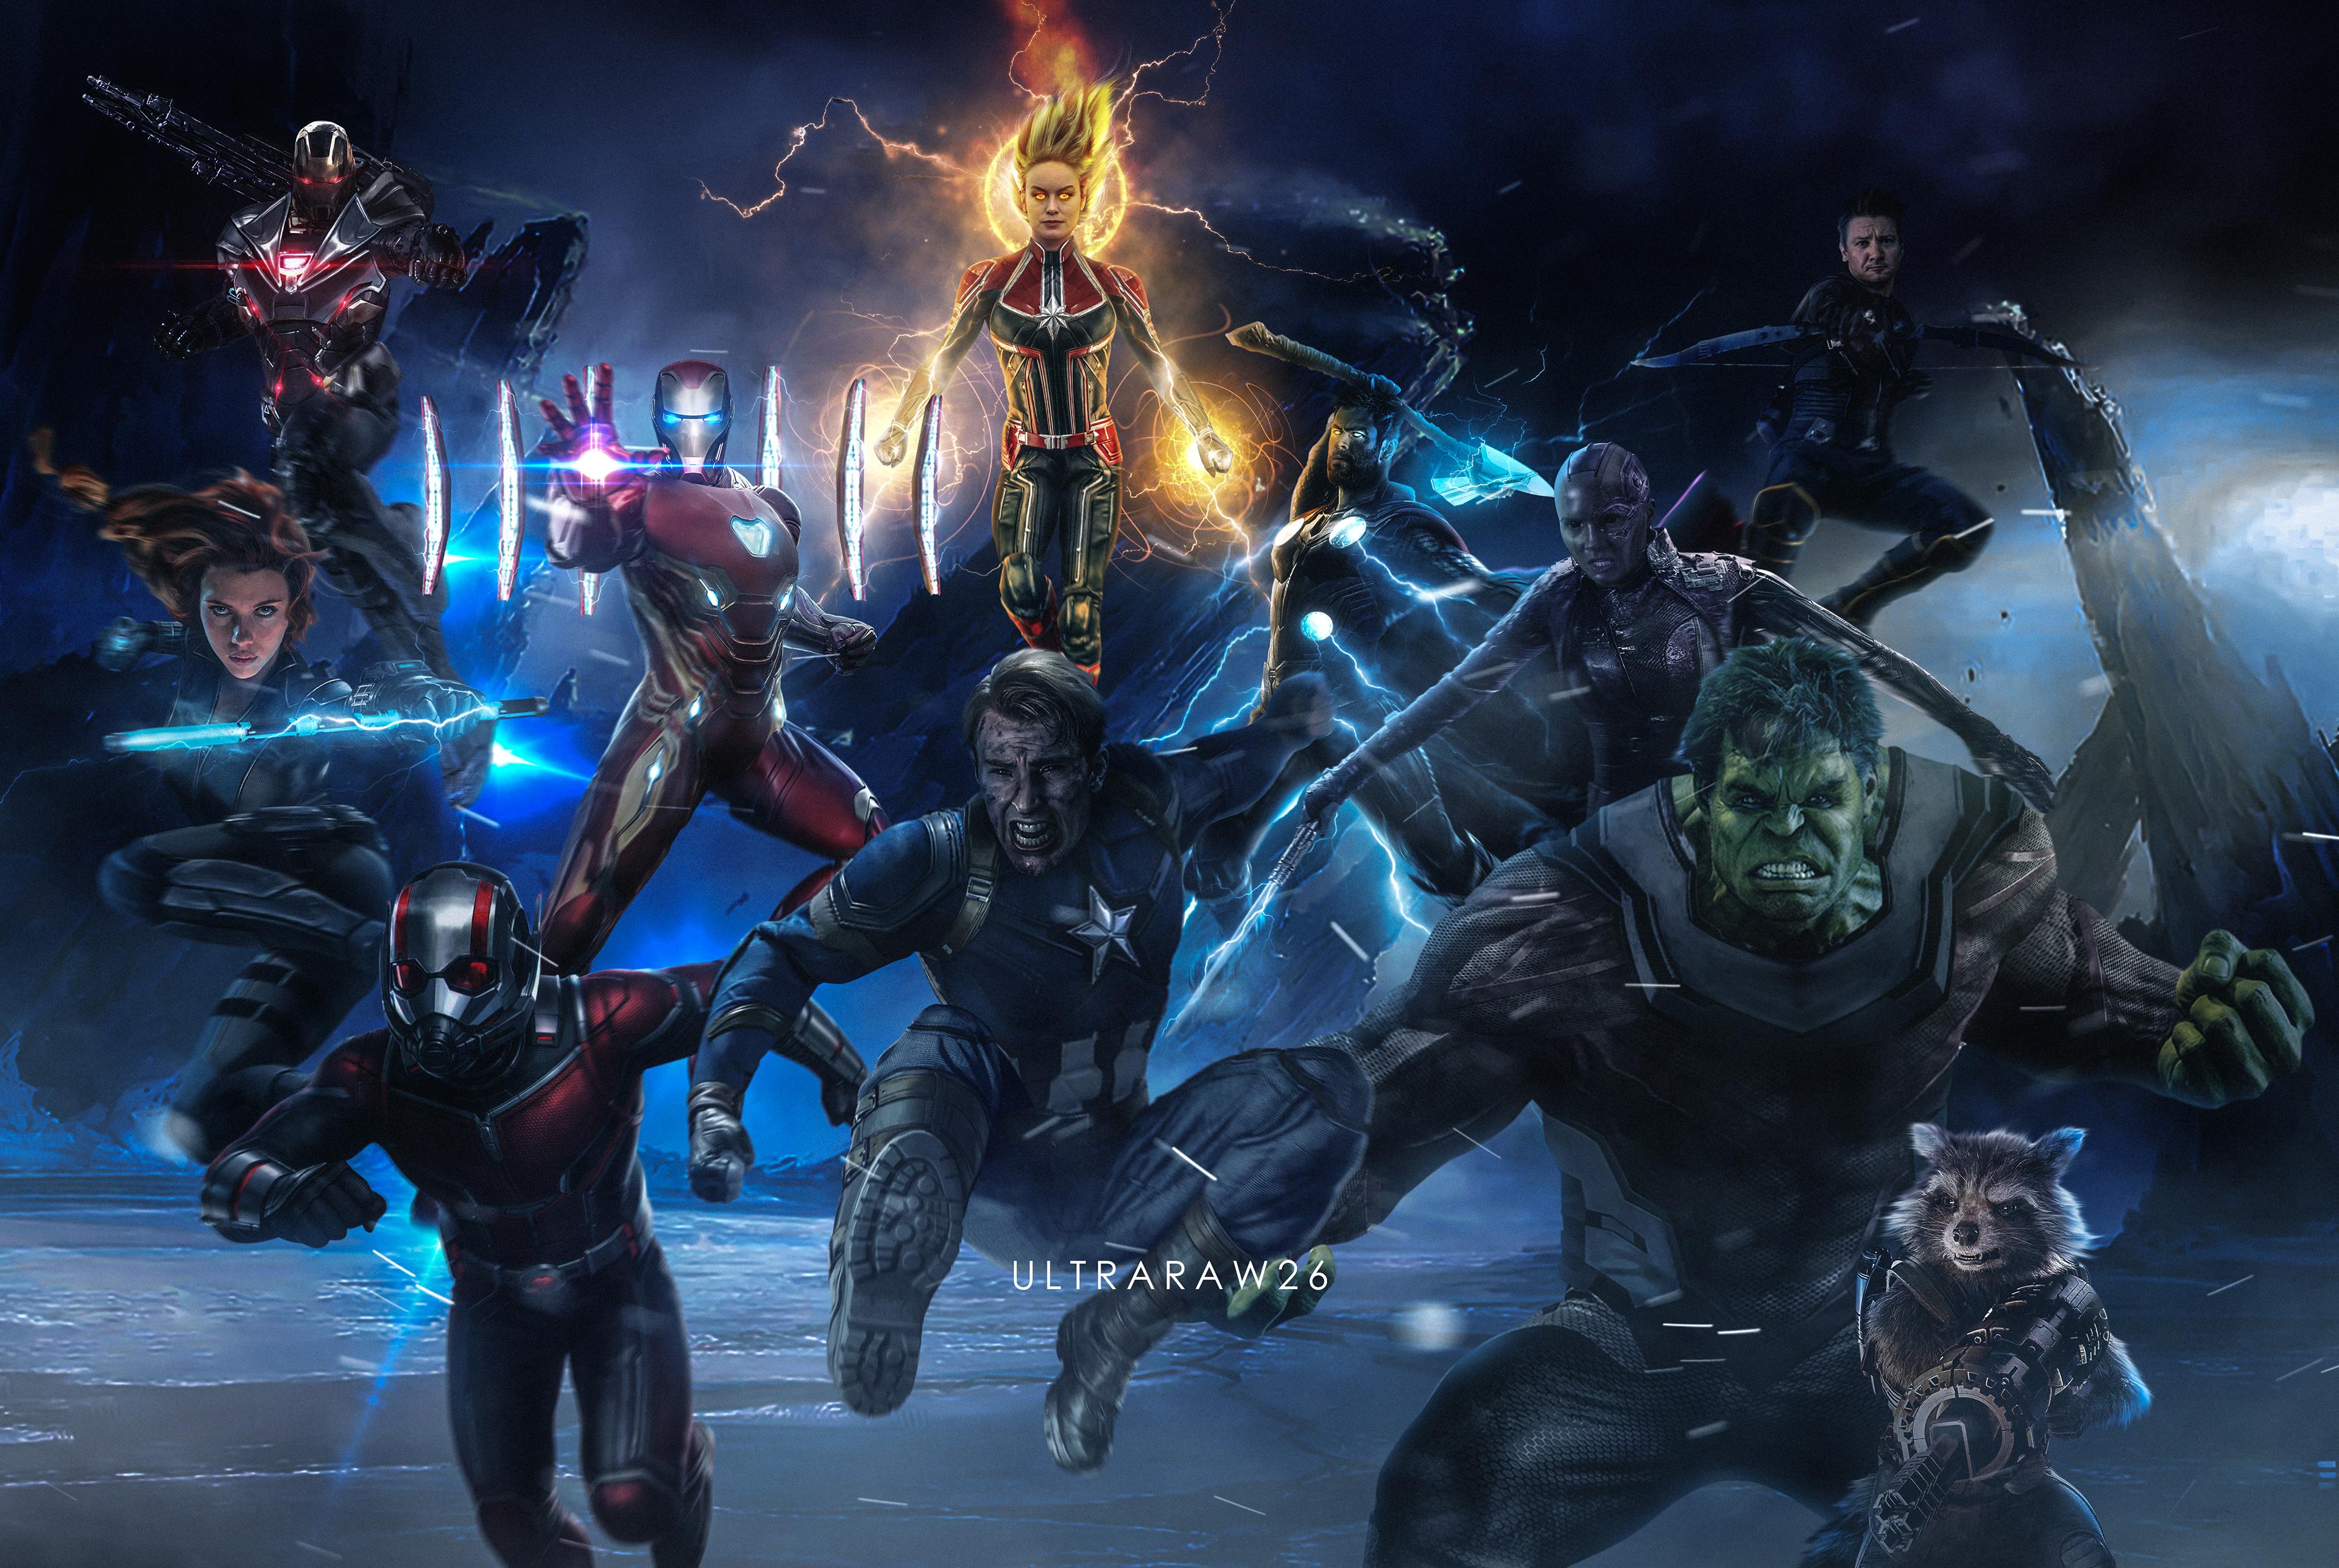 Avengers Endgame Wallpapers Wallpapersafari